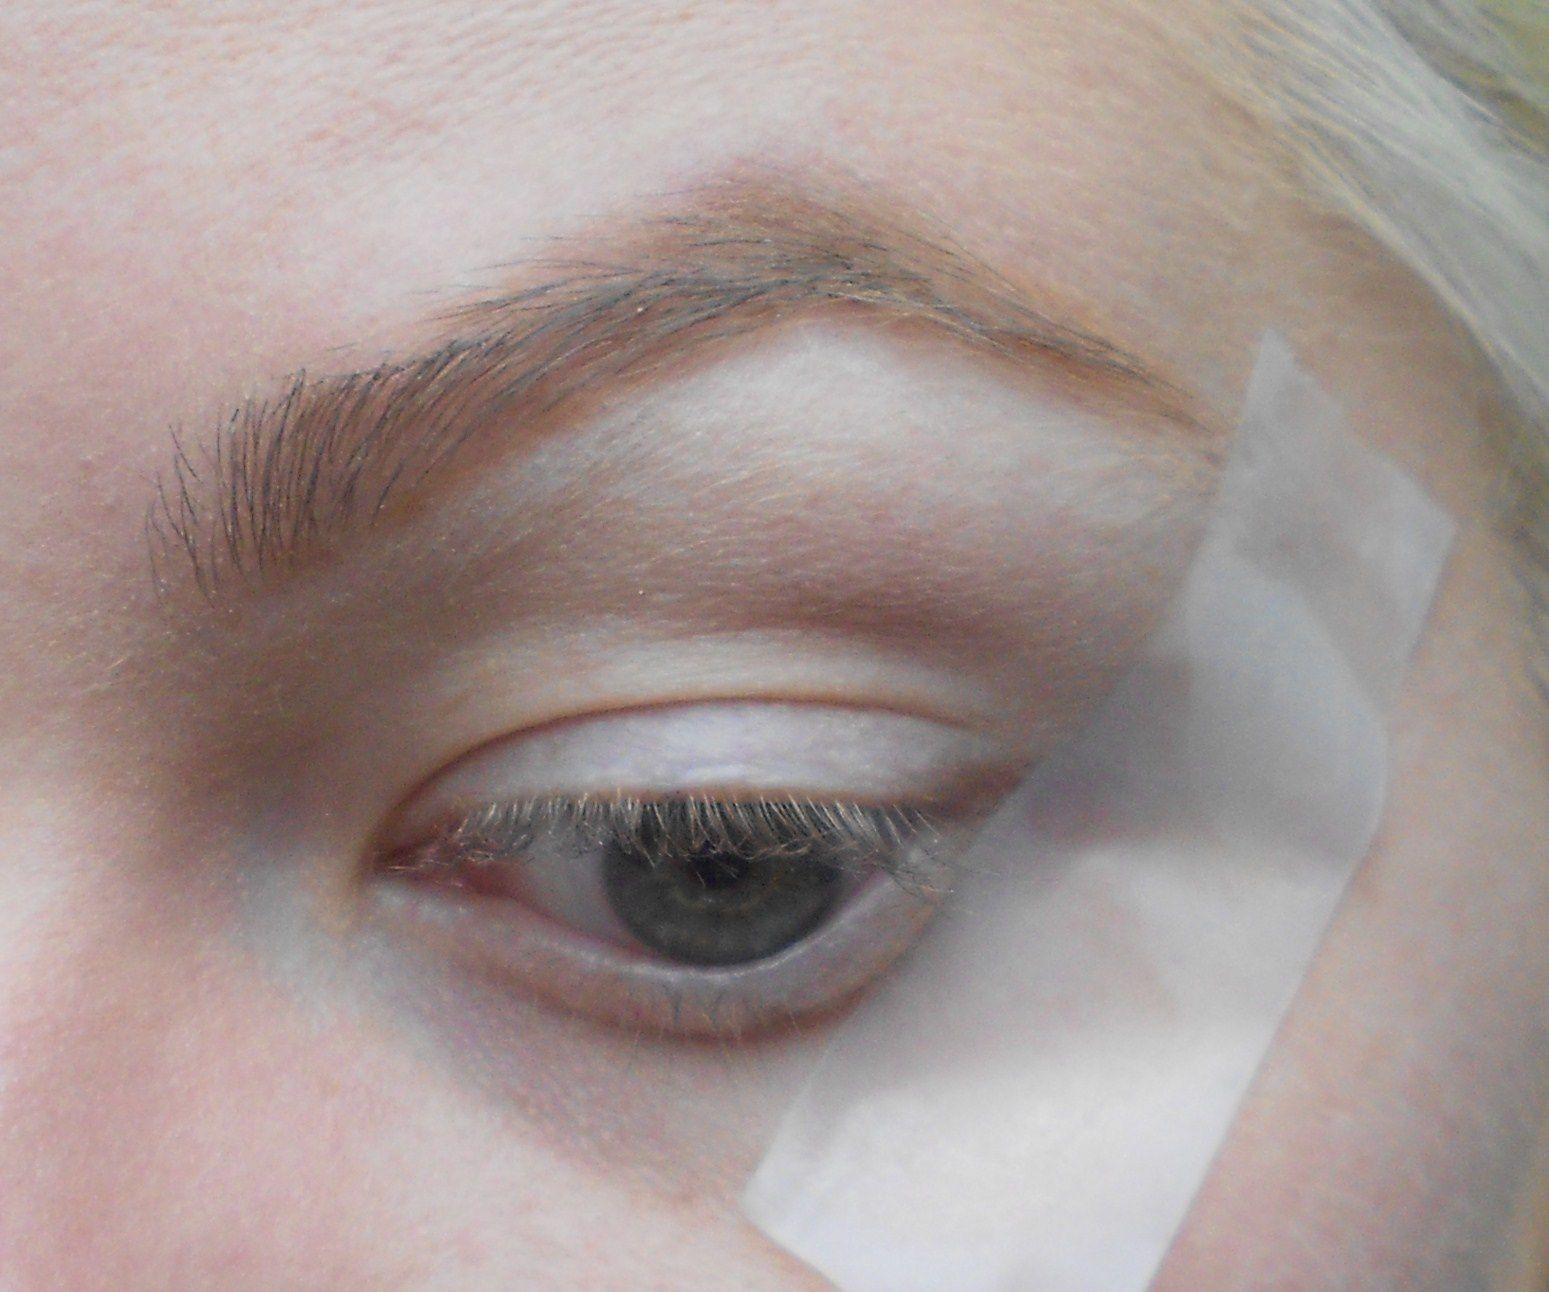 Ensuite pour avoir un maquillage bien net on va mettre un bout de scotch. Pour savoir comment bien placez votre scotch aidez vous d'un pinceau, placez le bout du pinceau au niveau de votre narine et le haut au coin externe de l'oeil sa vous donne la diagonale.